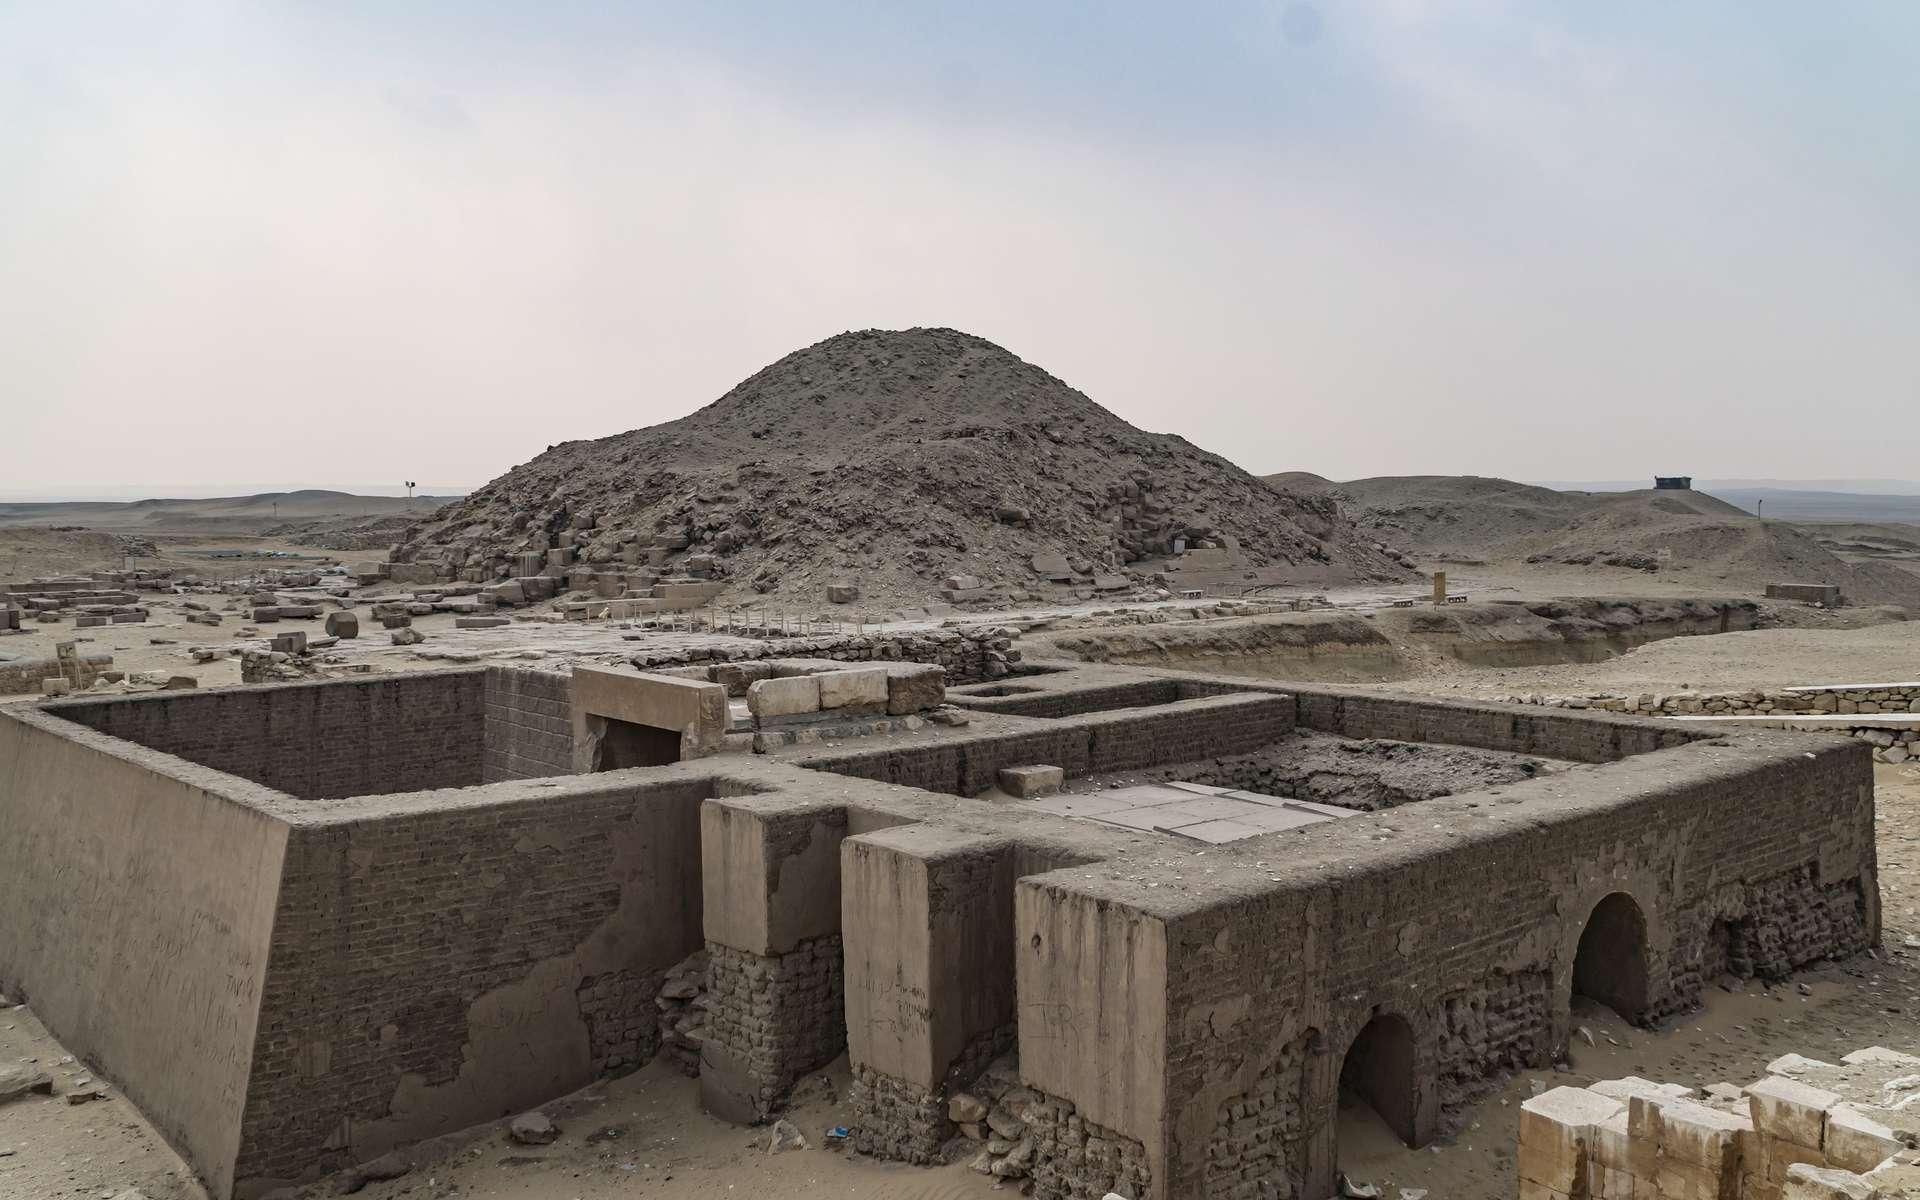 Le site de la nécropole de Saqqara dominé par la pyramide à degré de Djézer. © merlin74, Adobe Stock